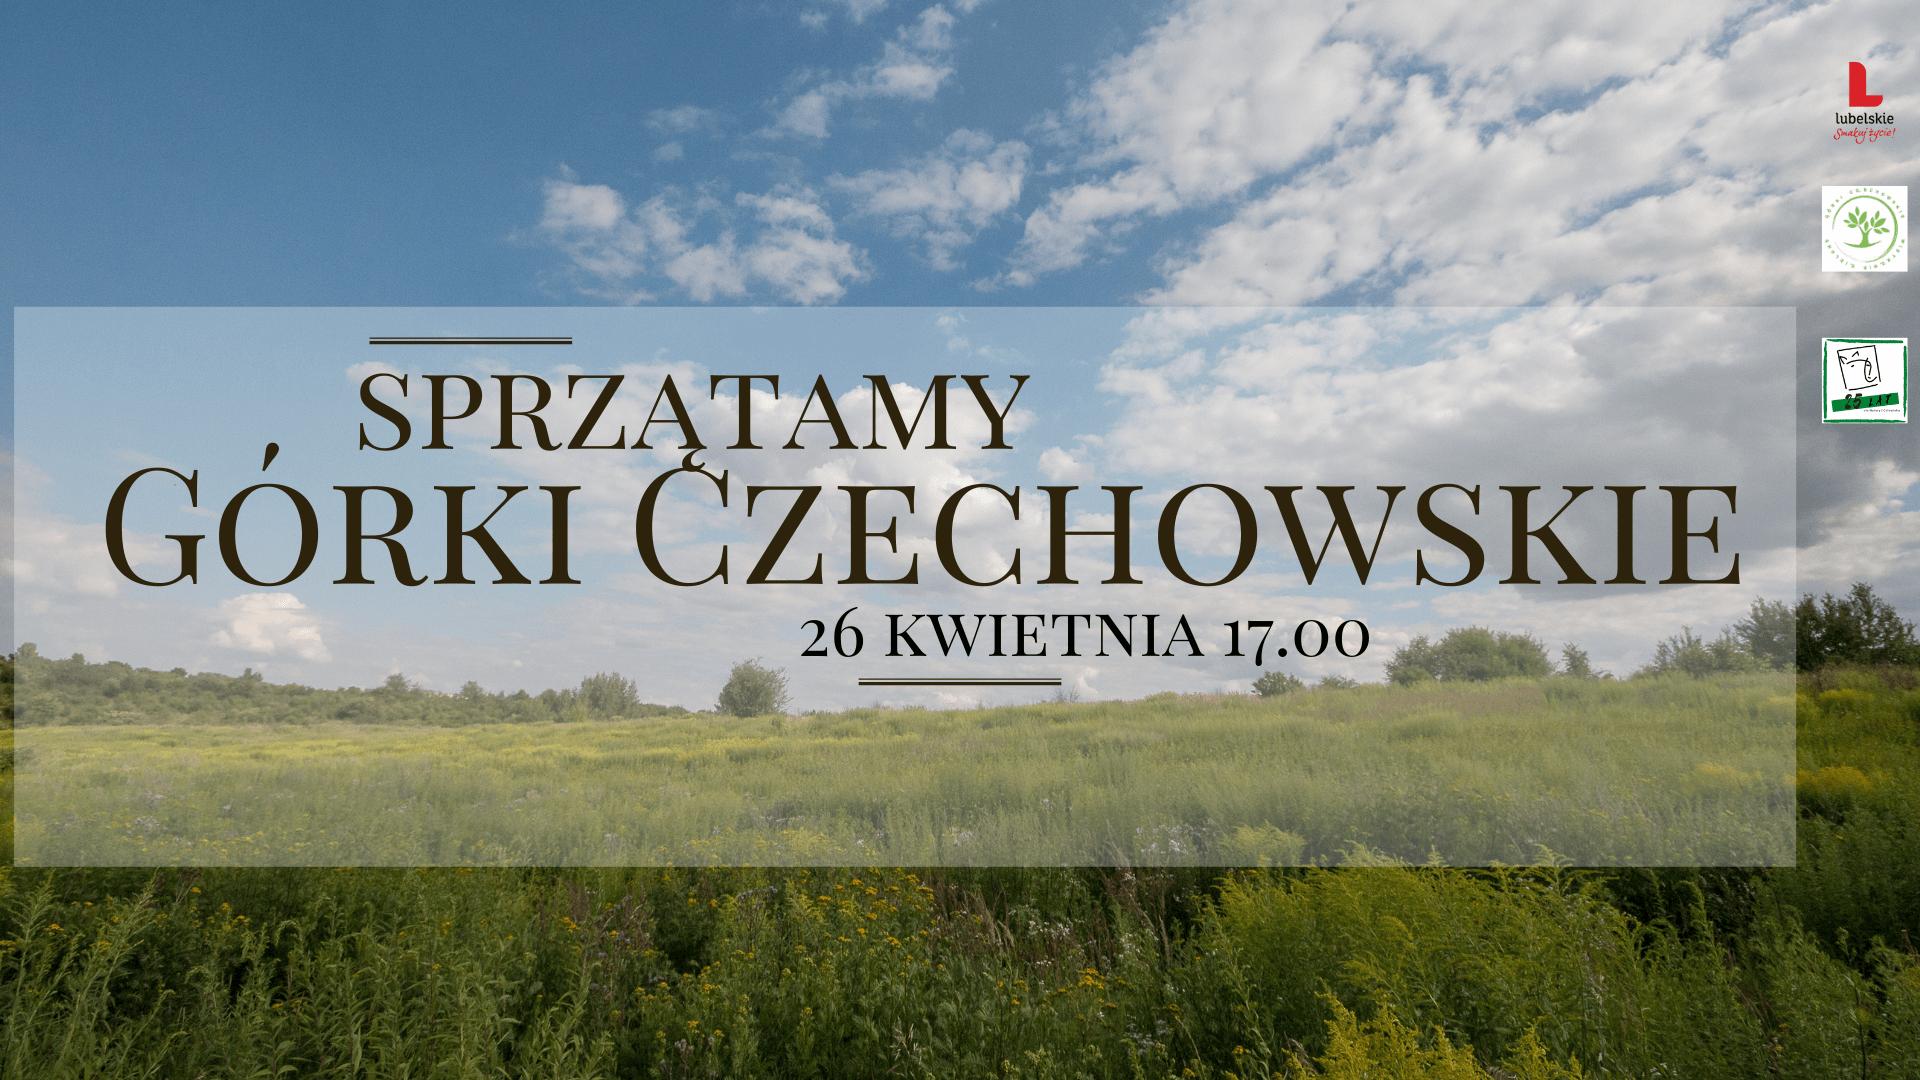 """W poniedziałek akcja """"Sprzątamy Górki Czechowskie"""" w Lublinie - Zdjęcie główne"""